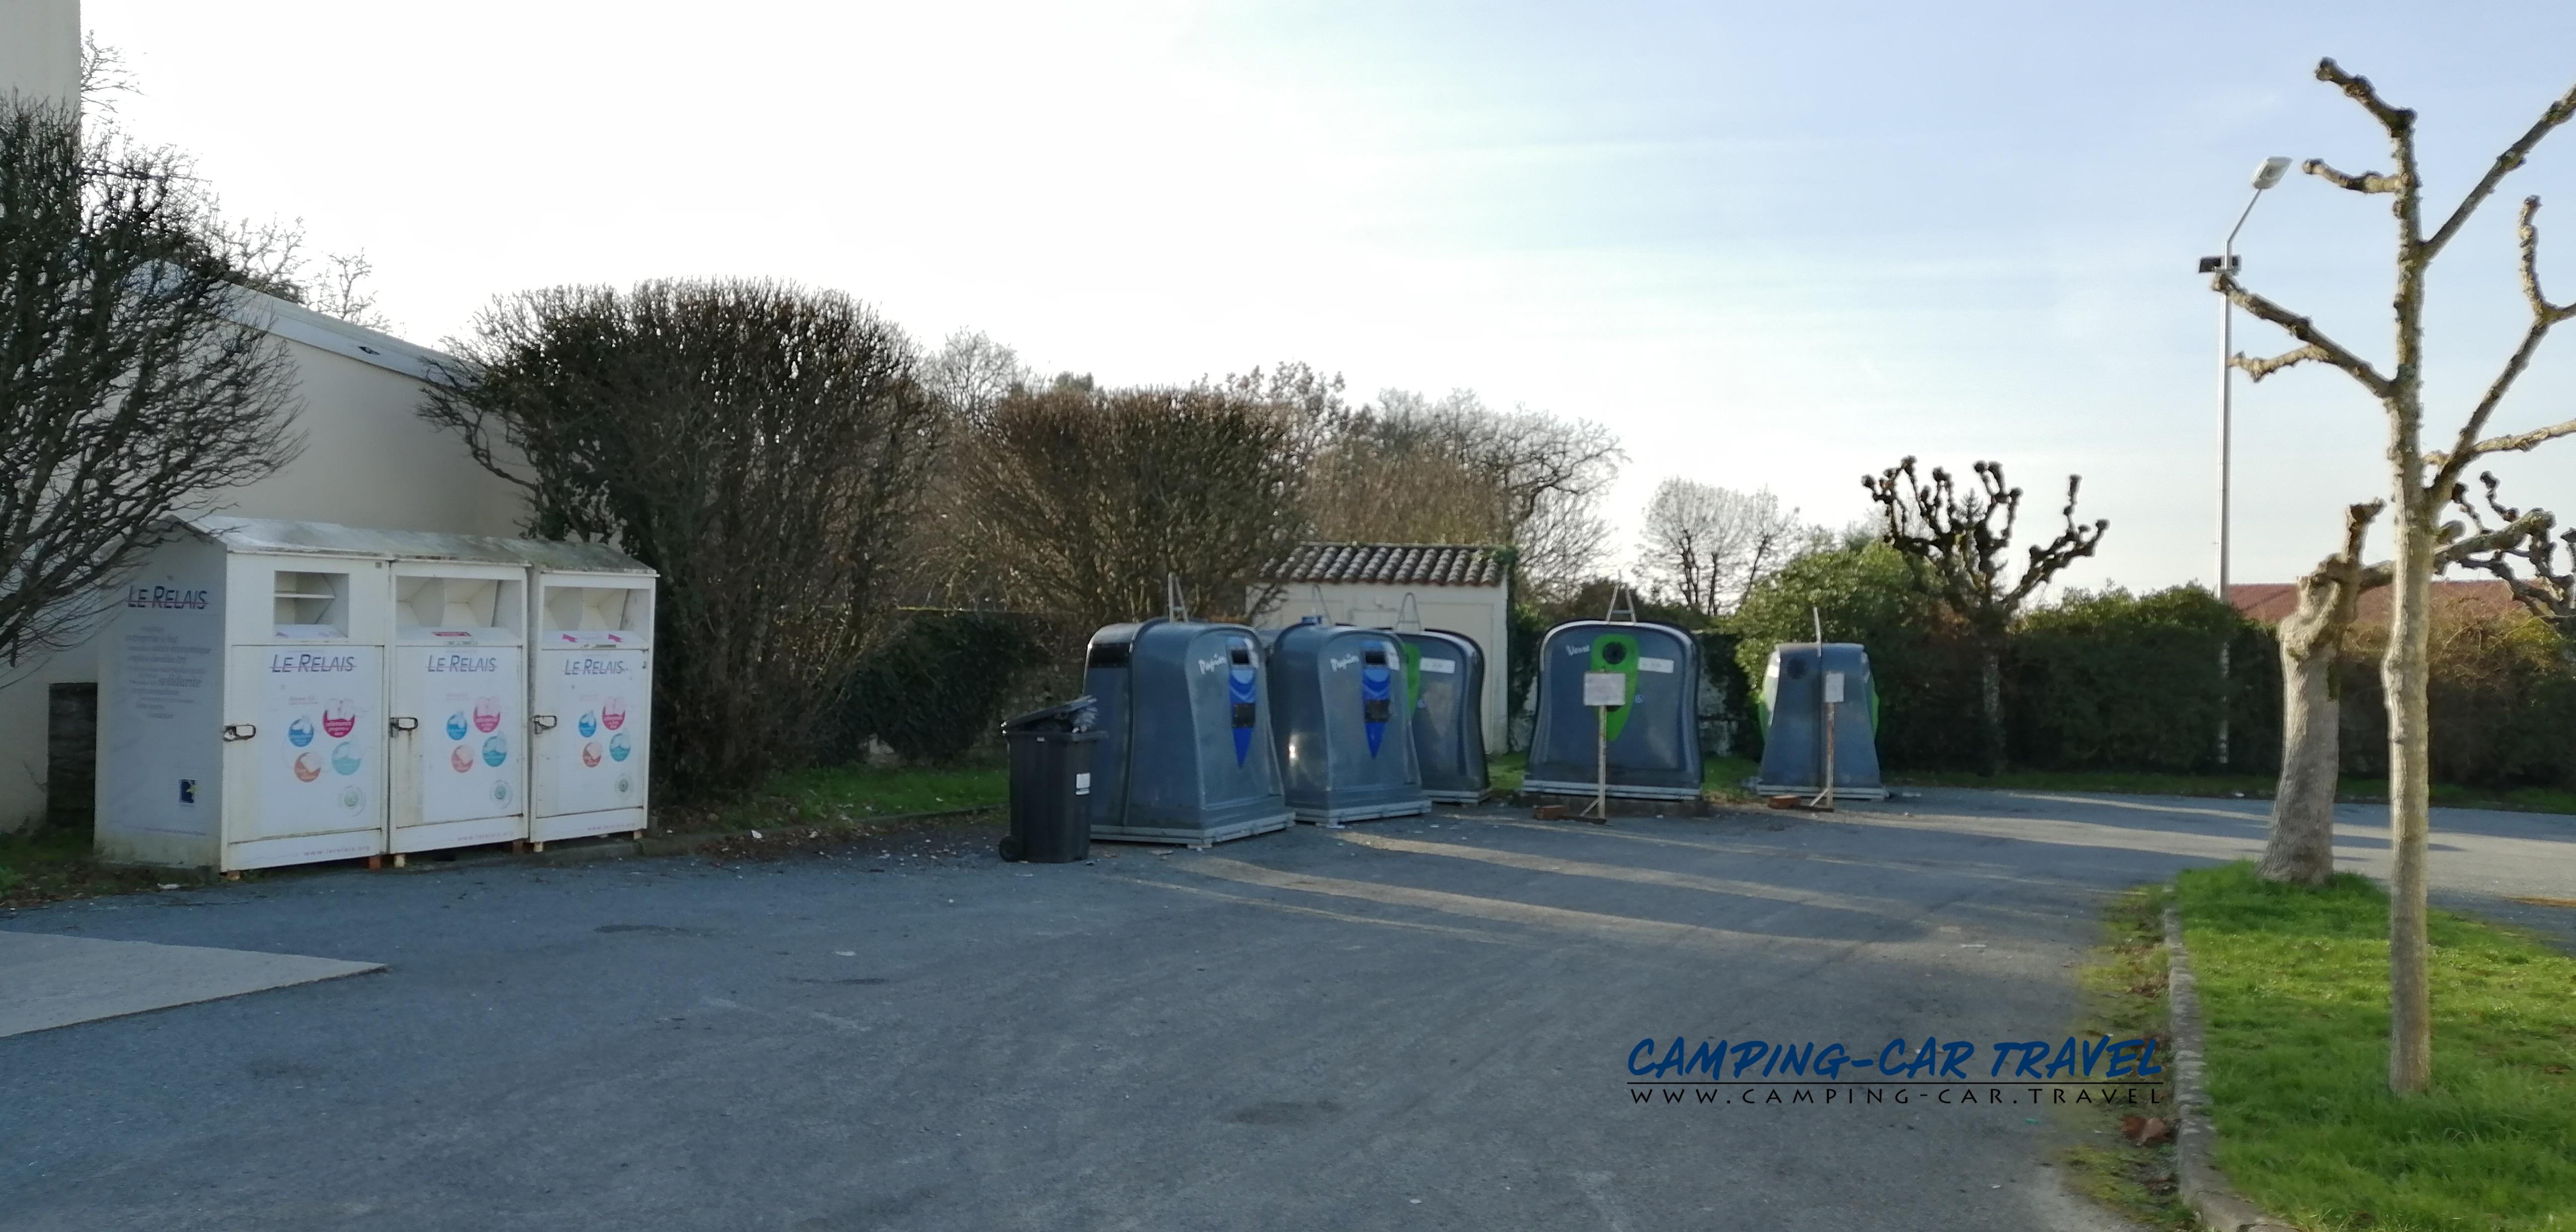 aire services camping car Pont-l'Abbé-D'Arnoult Charente-Maritime Poitou-Charente